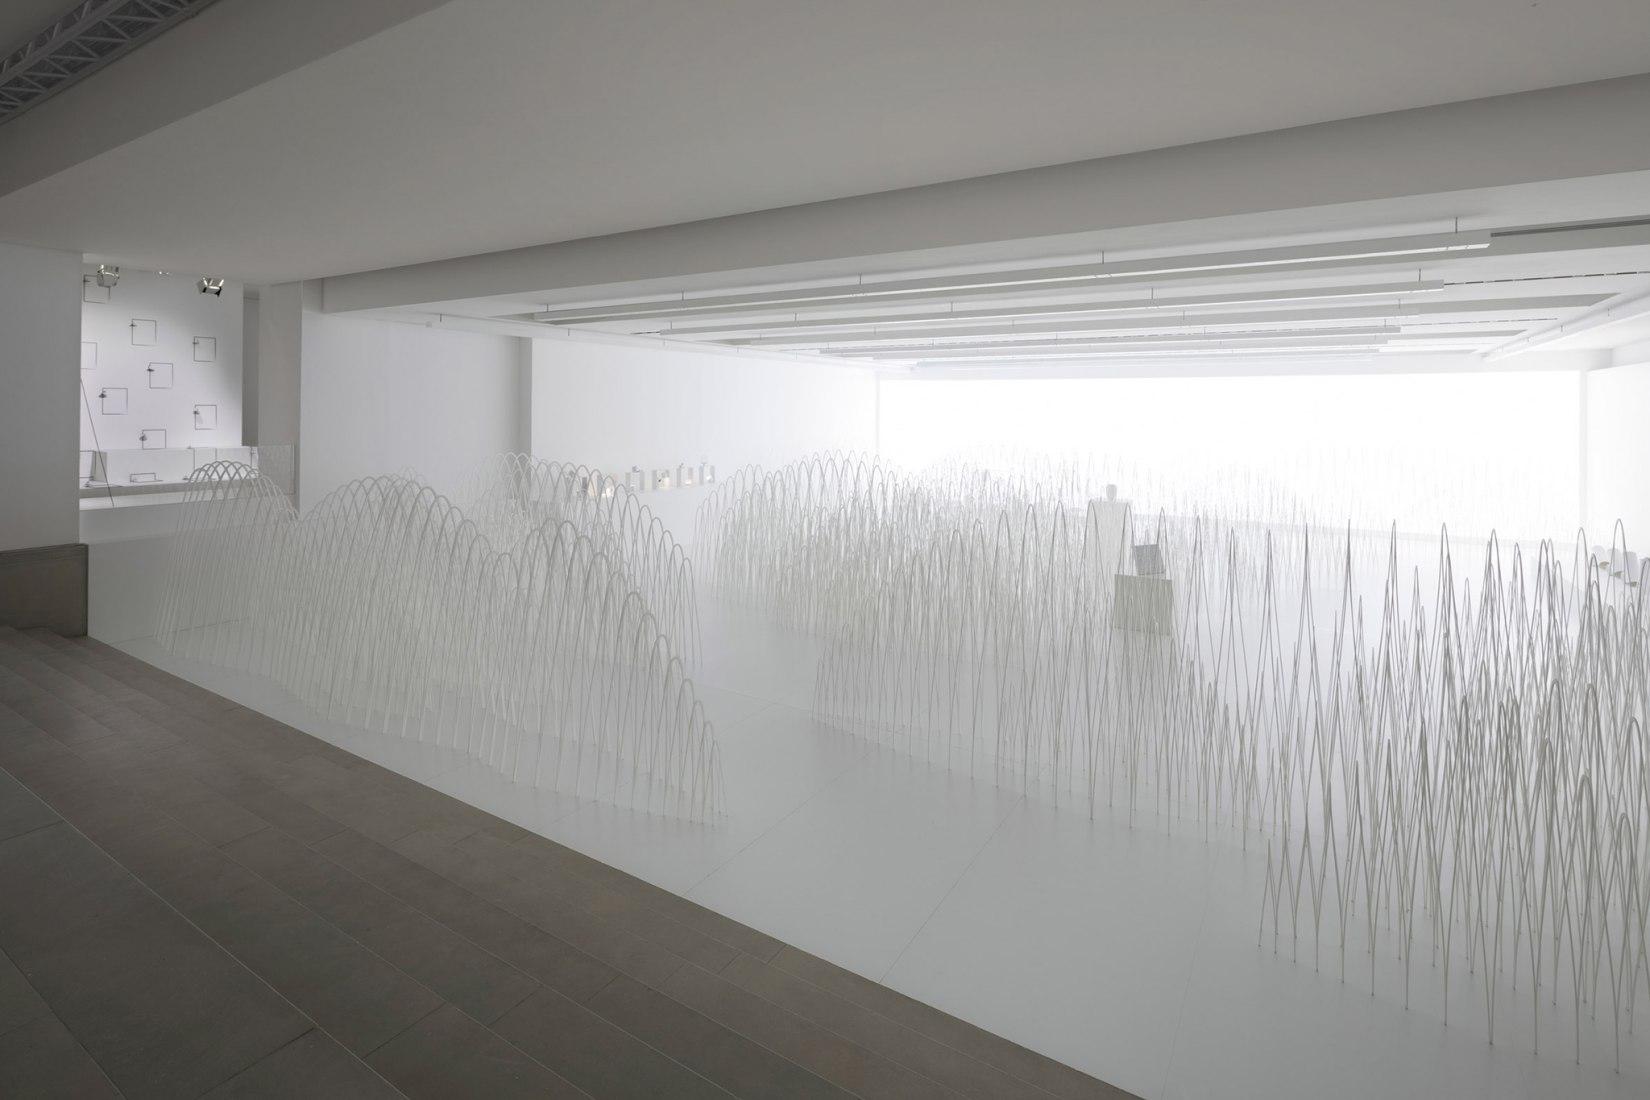 Invisible Outlines por Nendo. Fotografía © Takumi Ota. Cortesía de Nendo